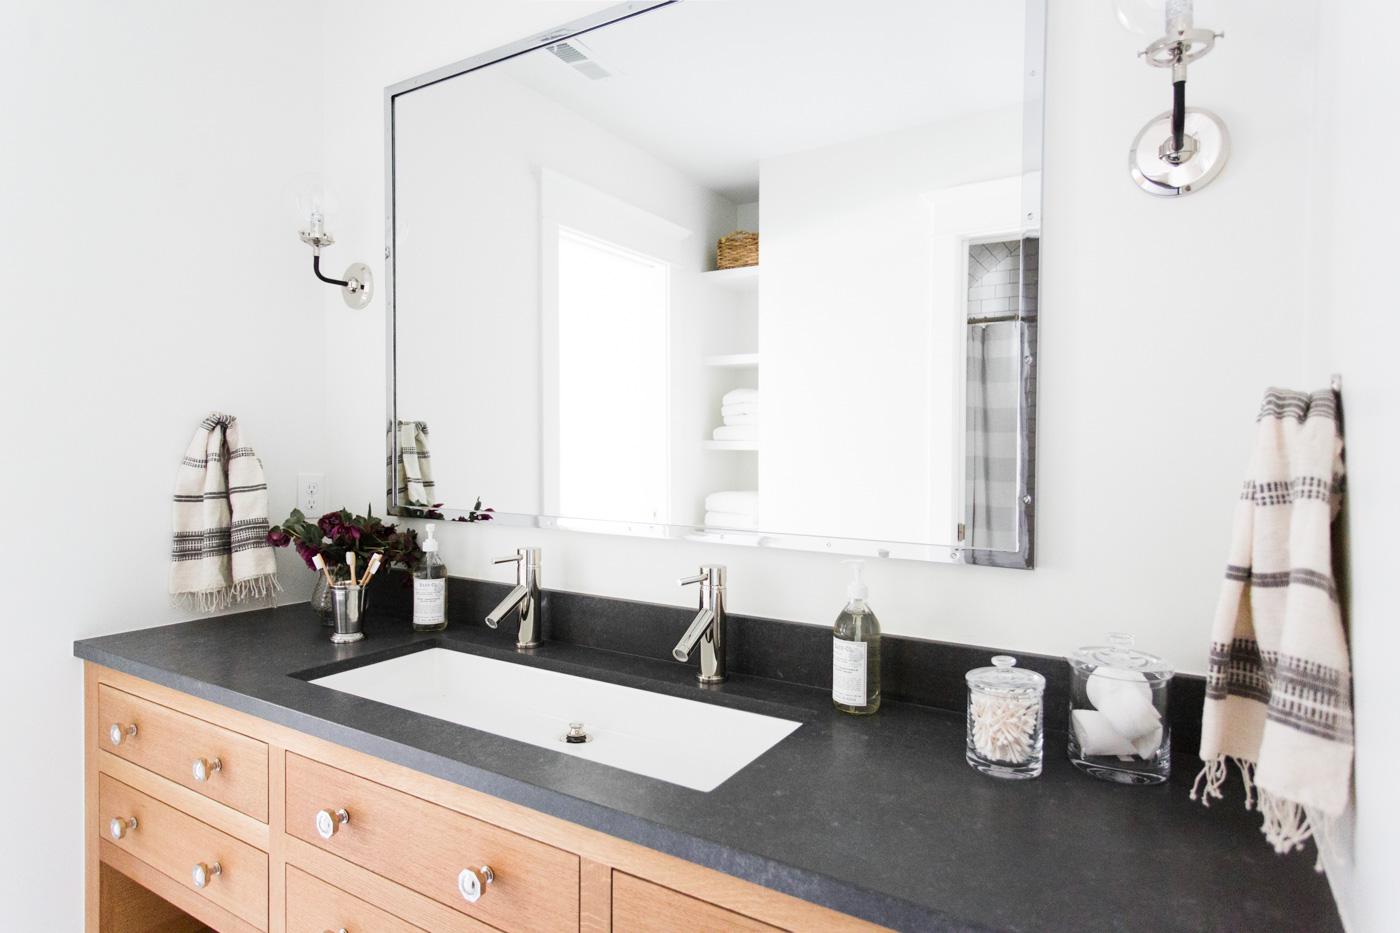 Double vanity details in child's bathroom